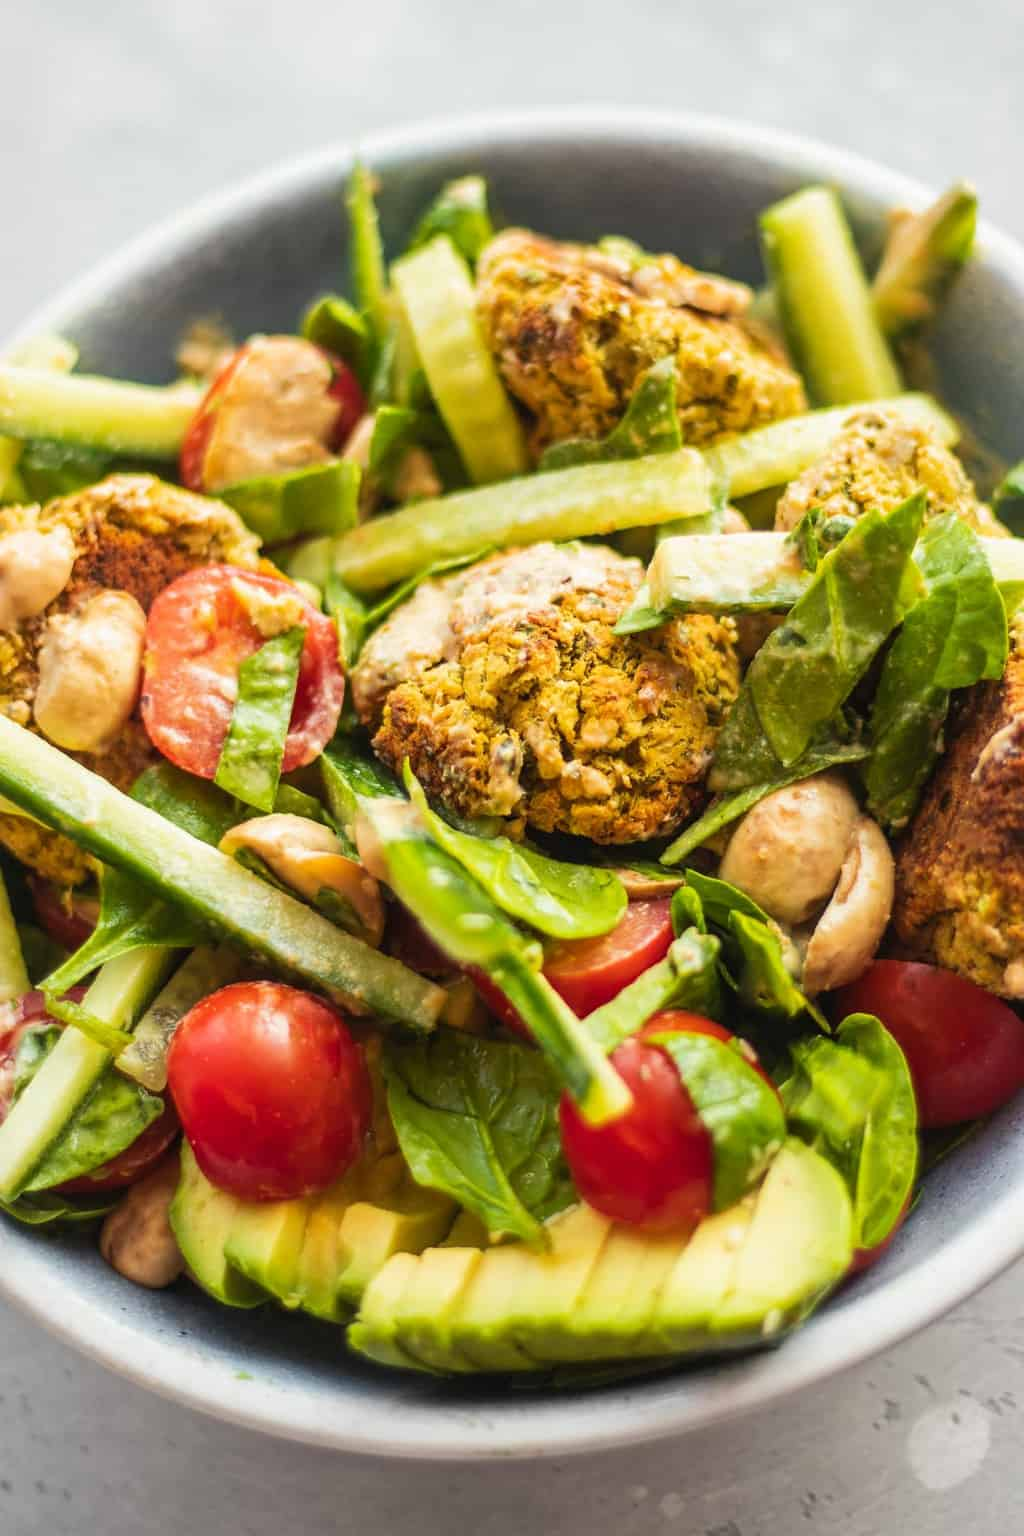 Vegan falafel salad with lemon tahini dressing and avocado